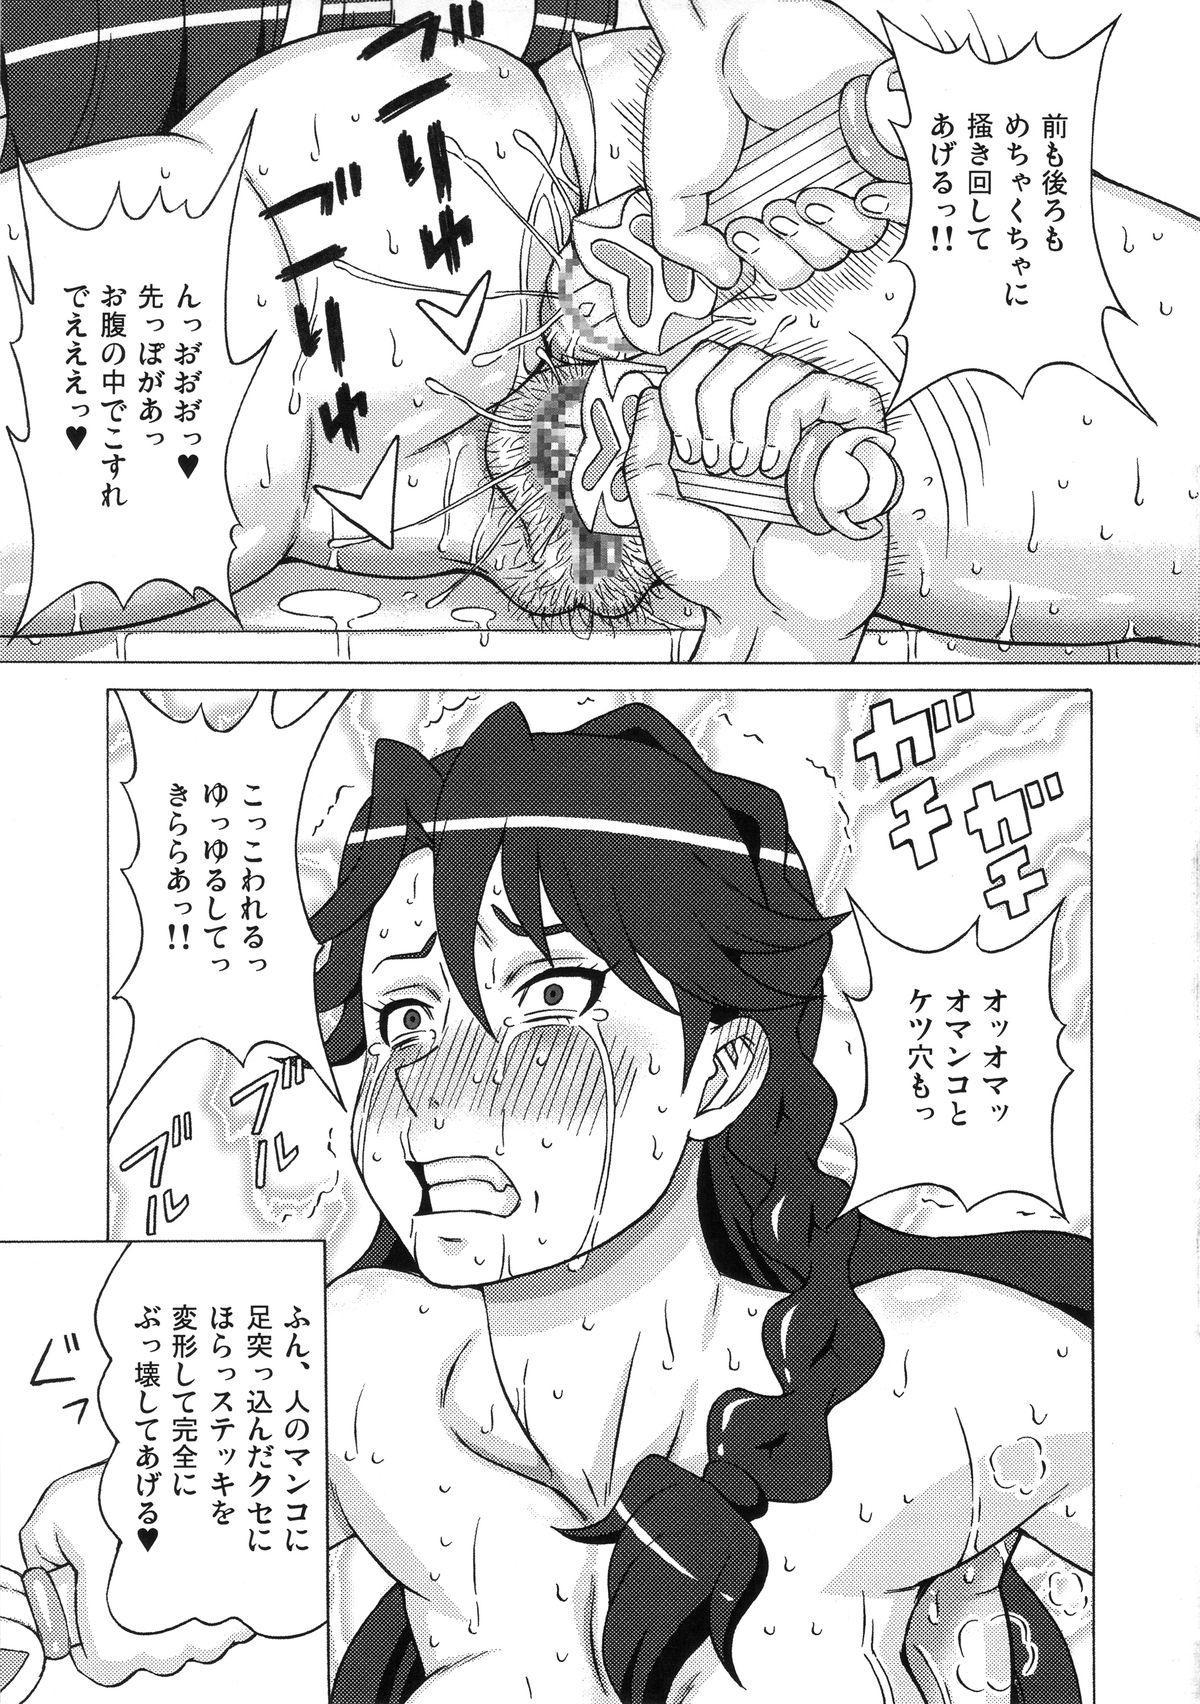 Kaidou Minami to Amanogawa Kirara ni Iroiro Shitemita. 41